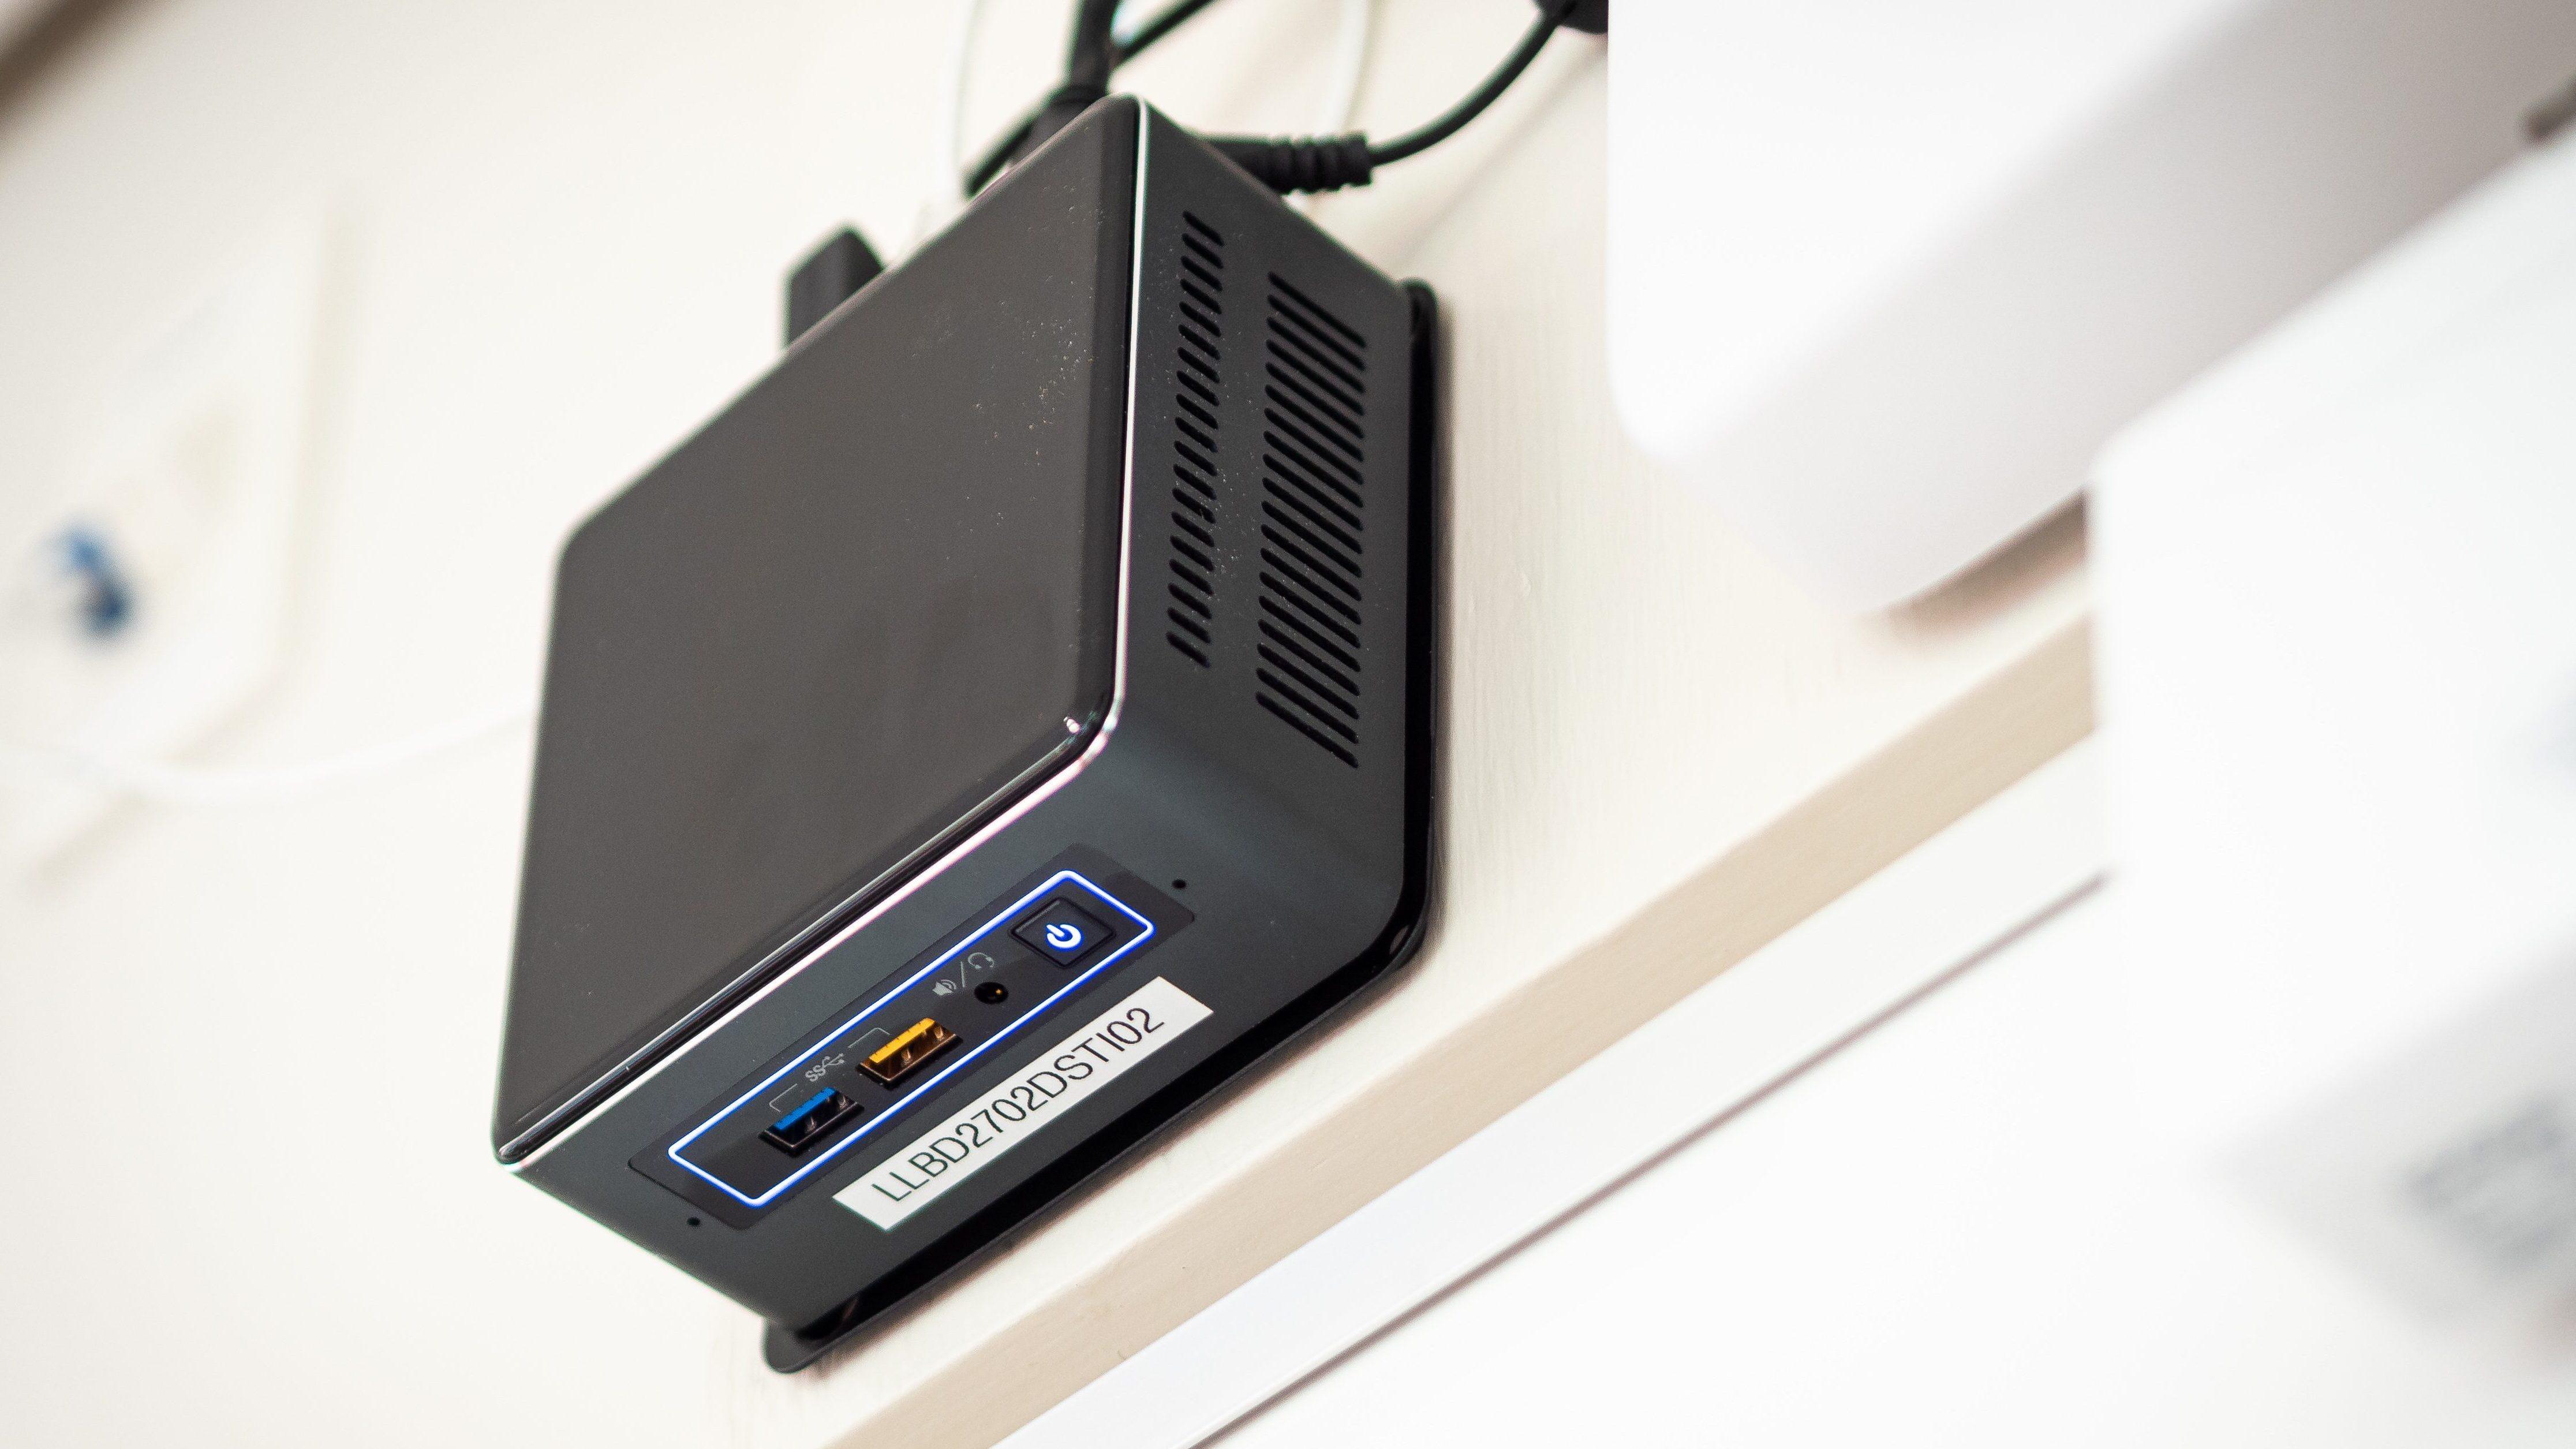 Petit ordinateur relié au projecteur interactif Epson 695wi.